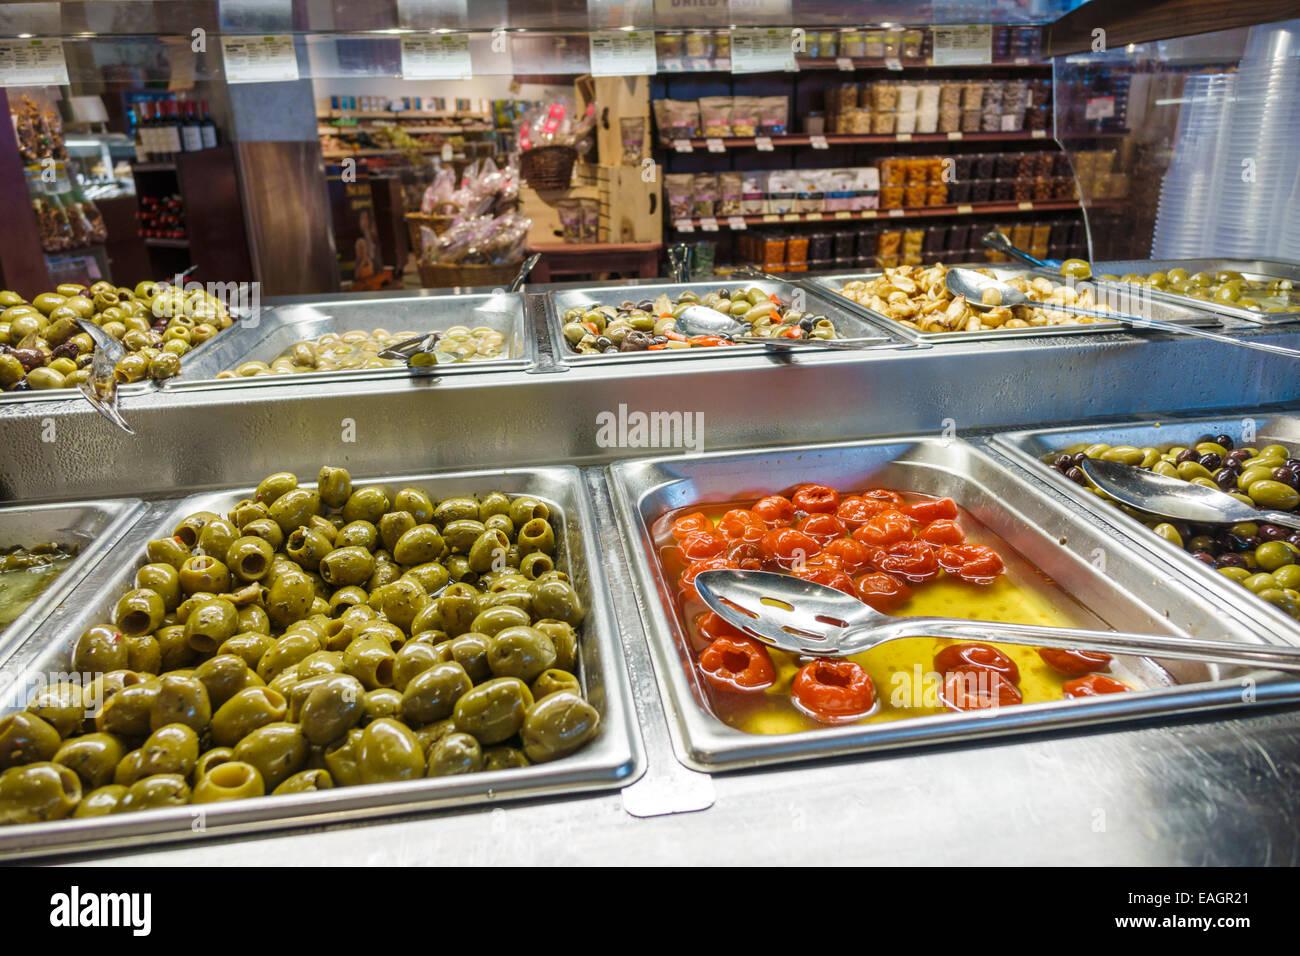 Miami Beach Florida The Fresh Market grocery store ...